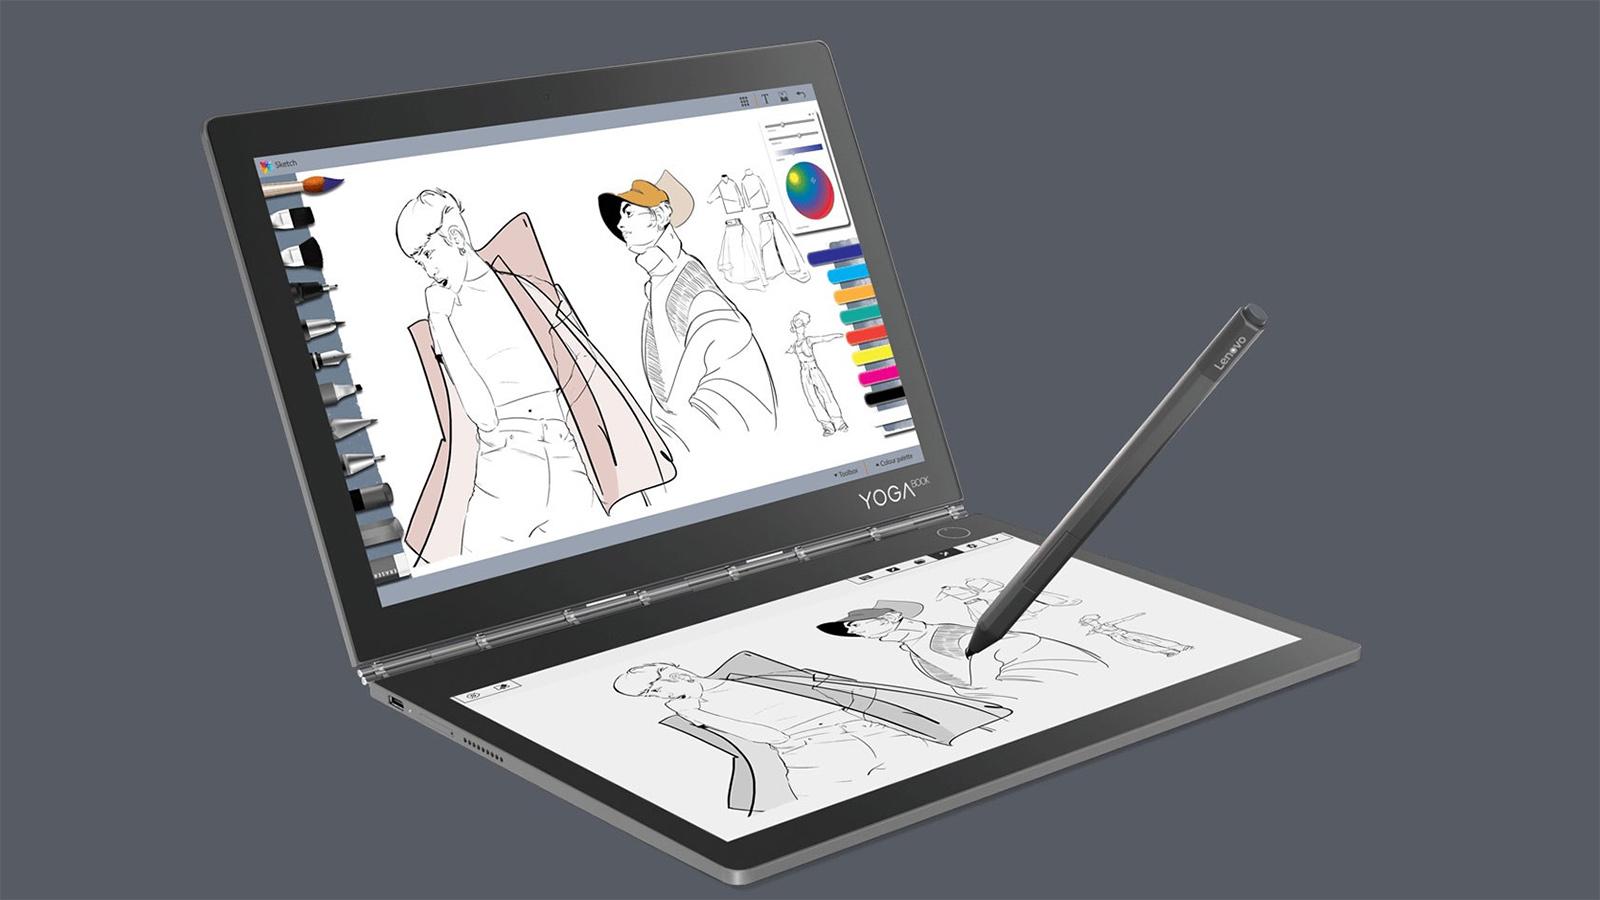 Lenovo YogaBook C930: устройство, которое заменяет сразу четыре гаджета - 14